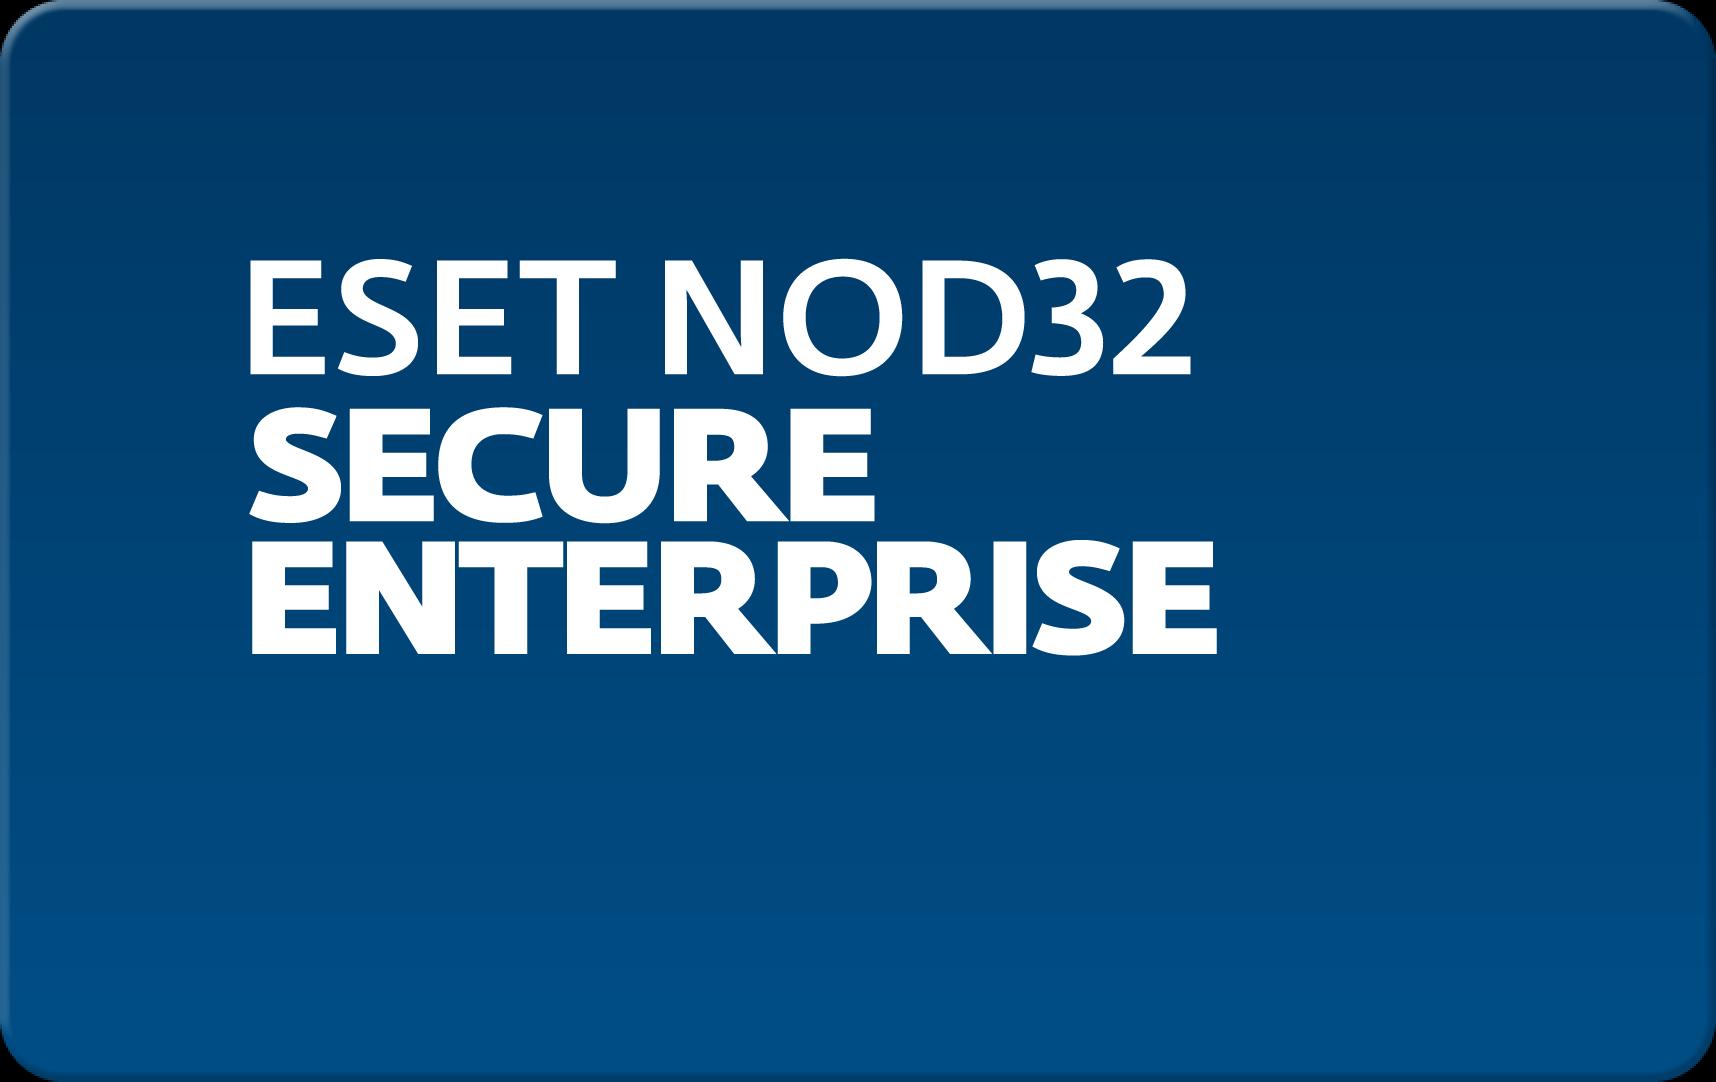 Кроссплатформенная антивирусная защита всех узлов корпоративной сети Eset NOD32 Secure Enterprise  для 187 пользователей